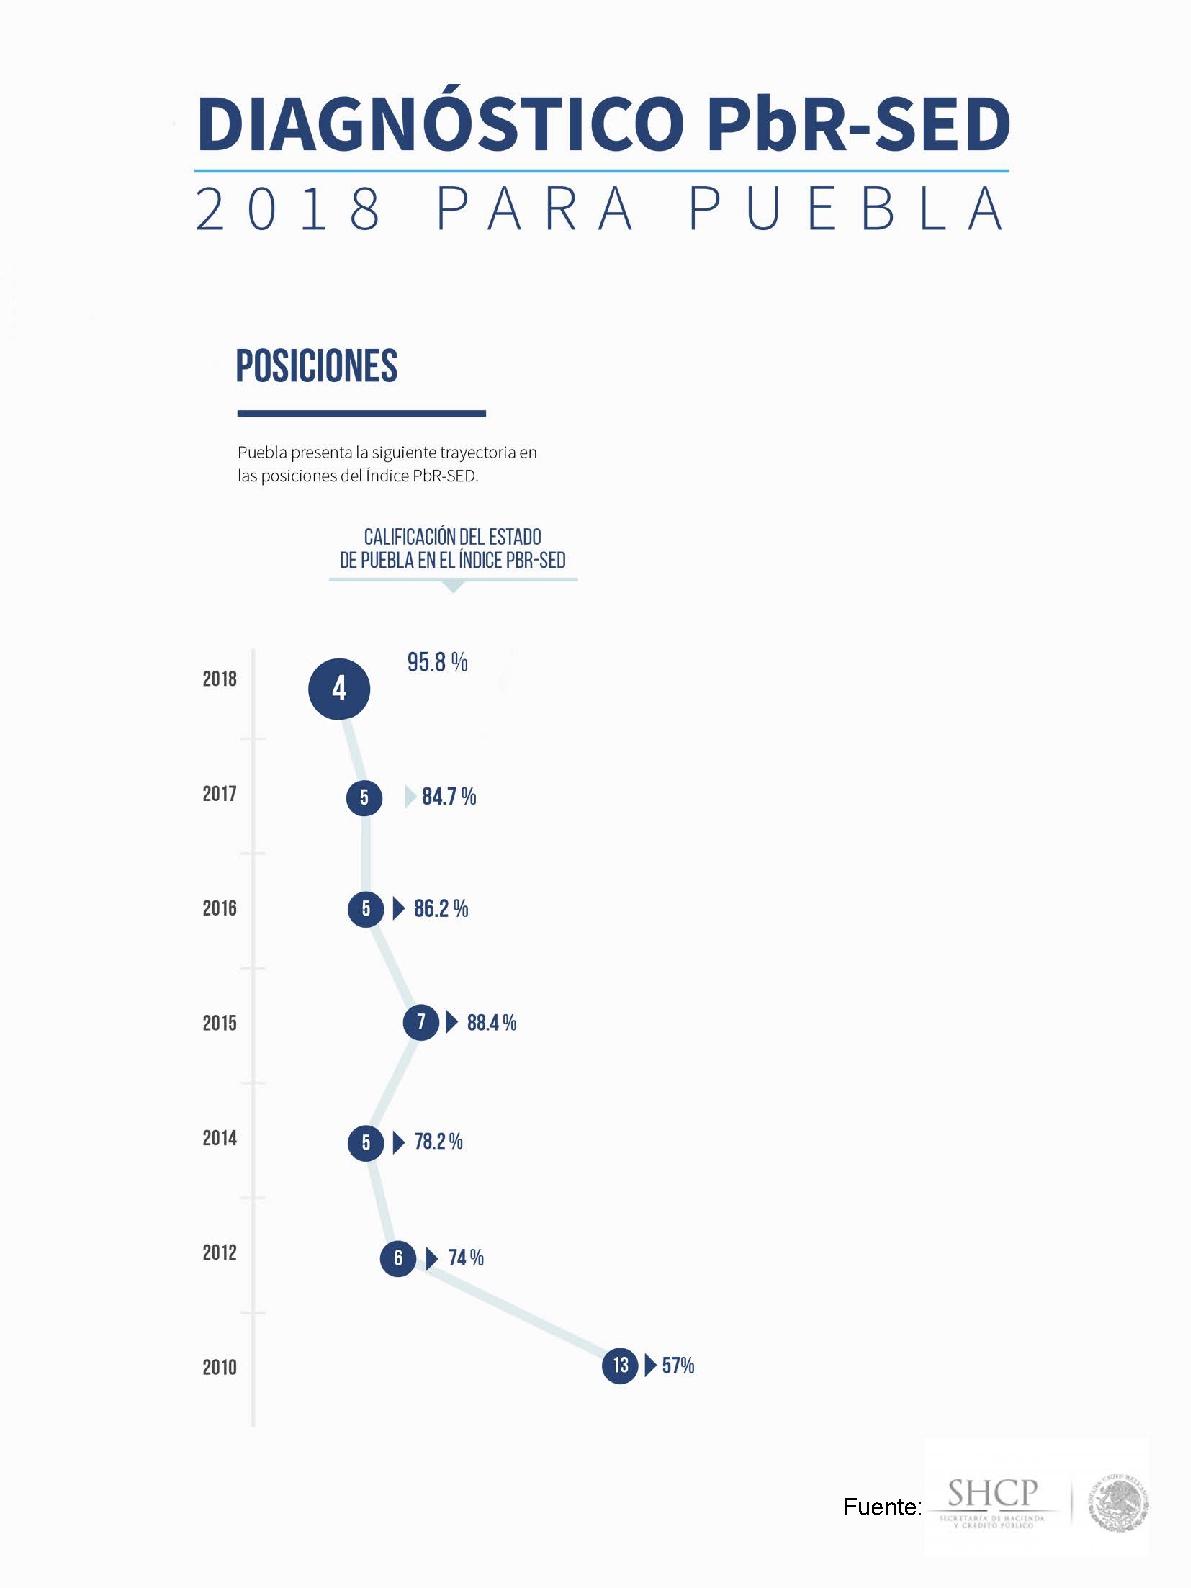 Destaca Puebla por modelo de Presupuesto basado en Resultados